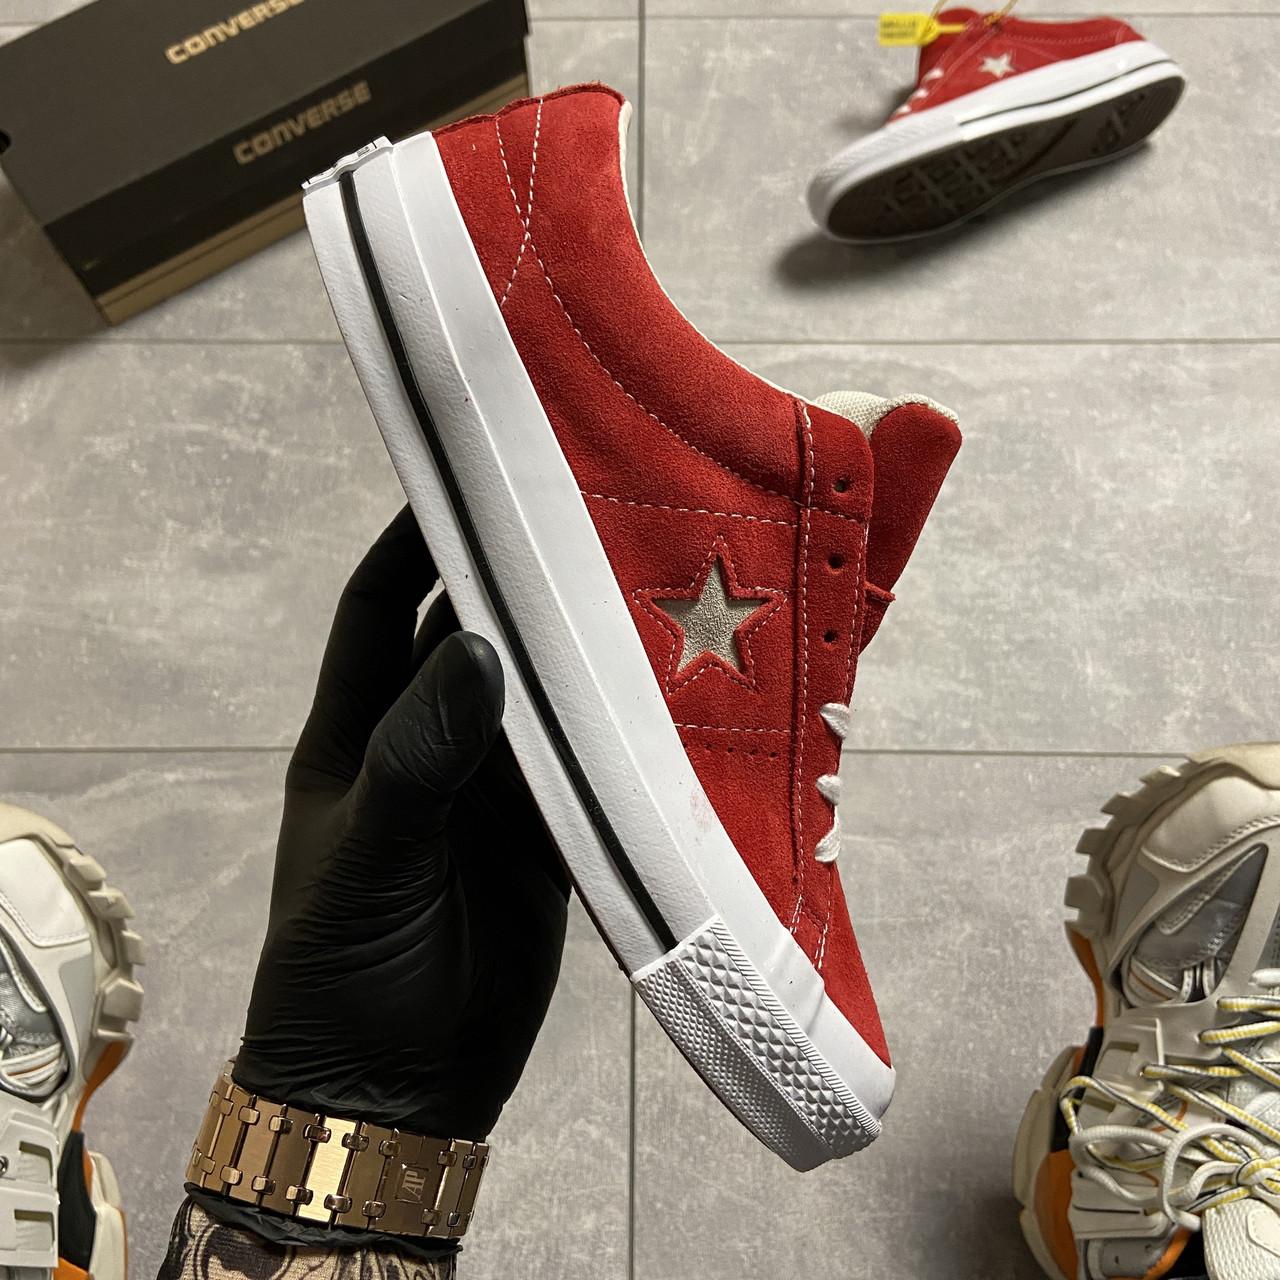 Кеды женские Converse One Star Premium Suede Red. Стильные женские кеды красного цвета.